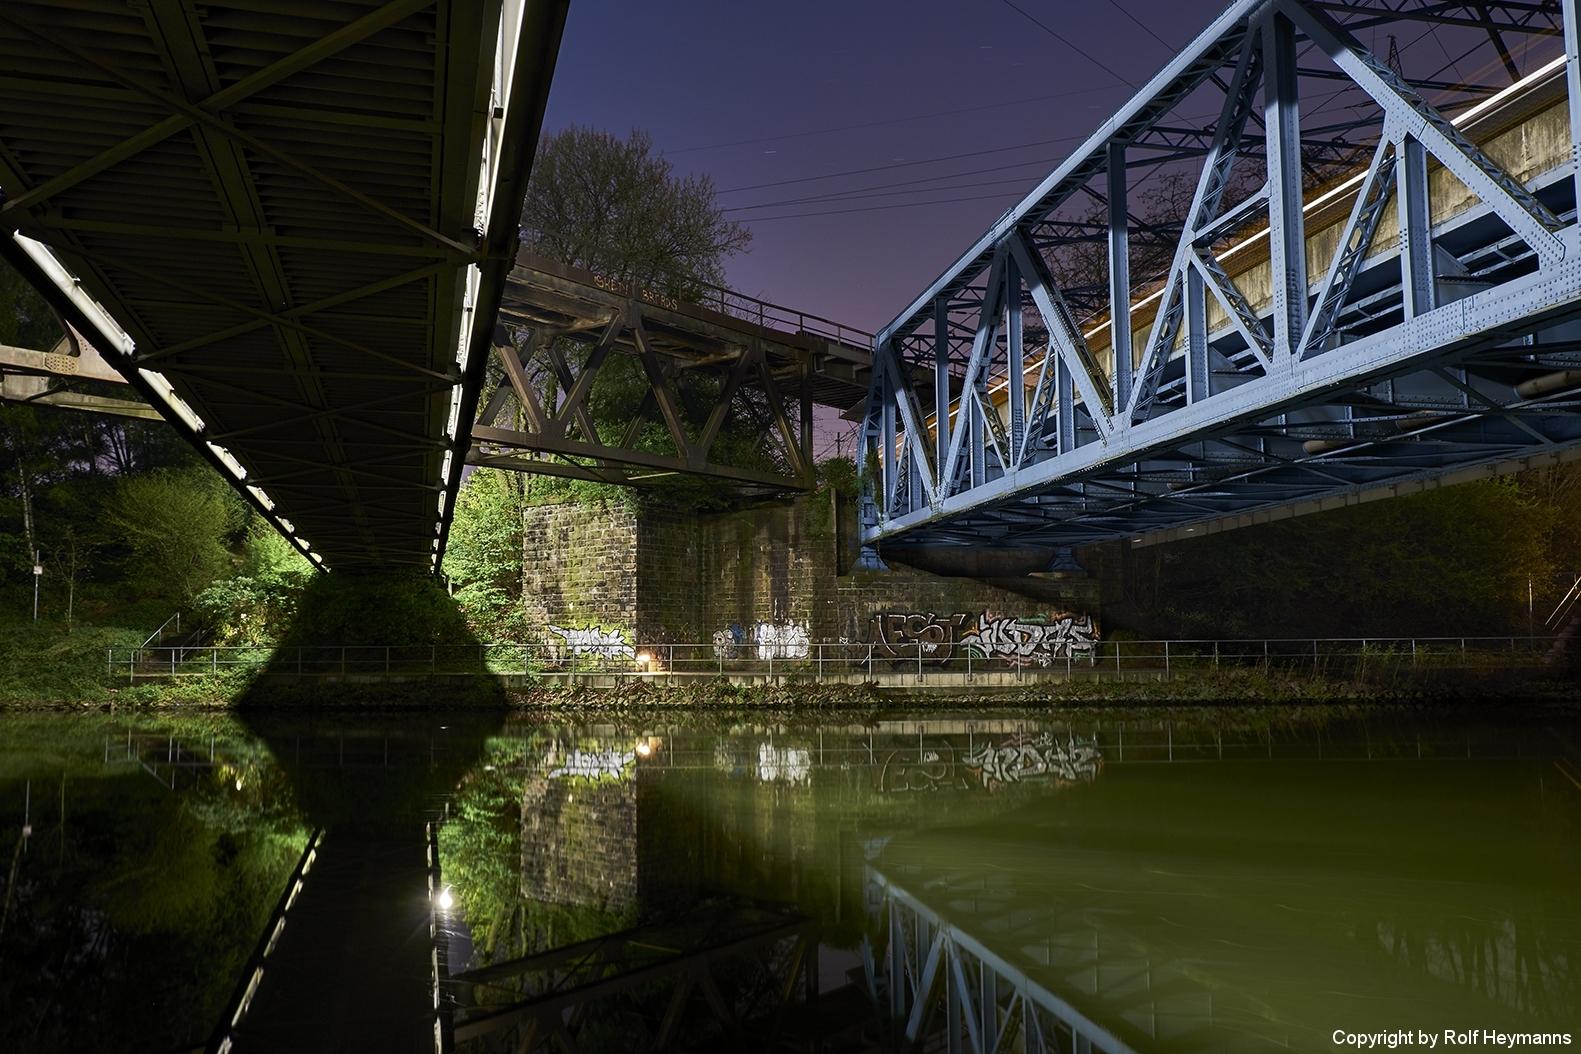 Brücken am Rhein-Herne-Kanal